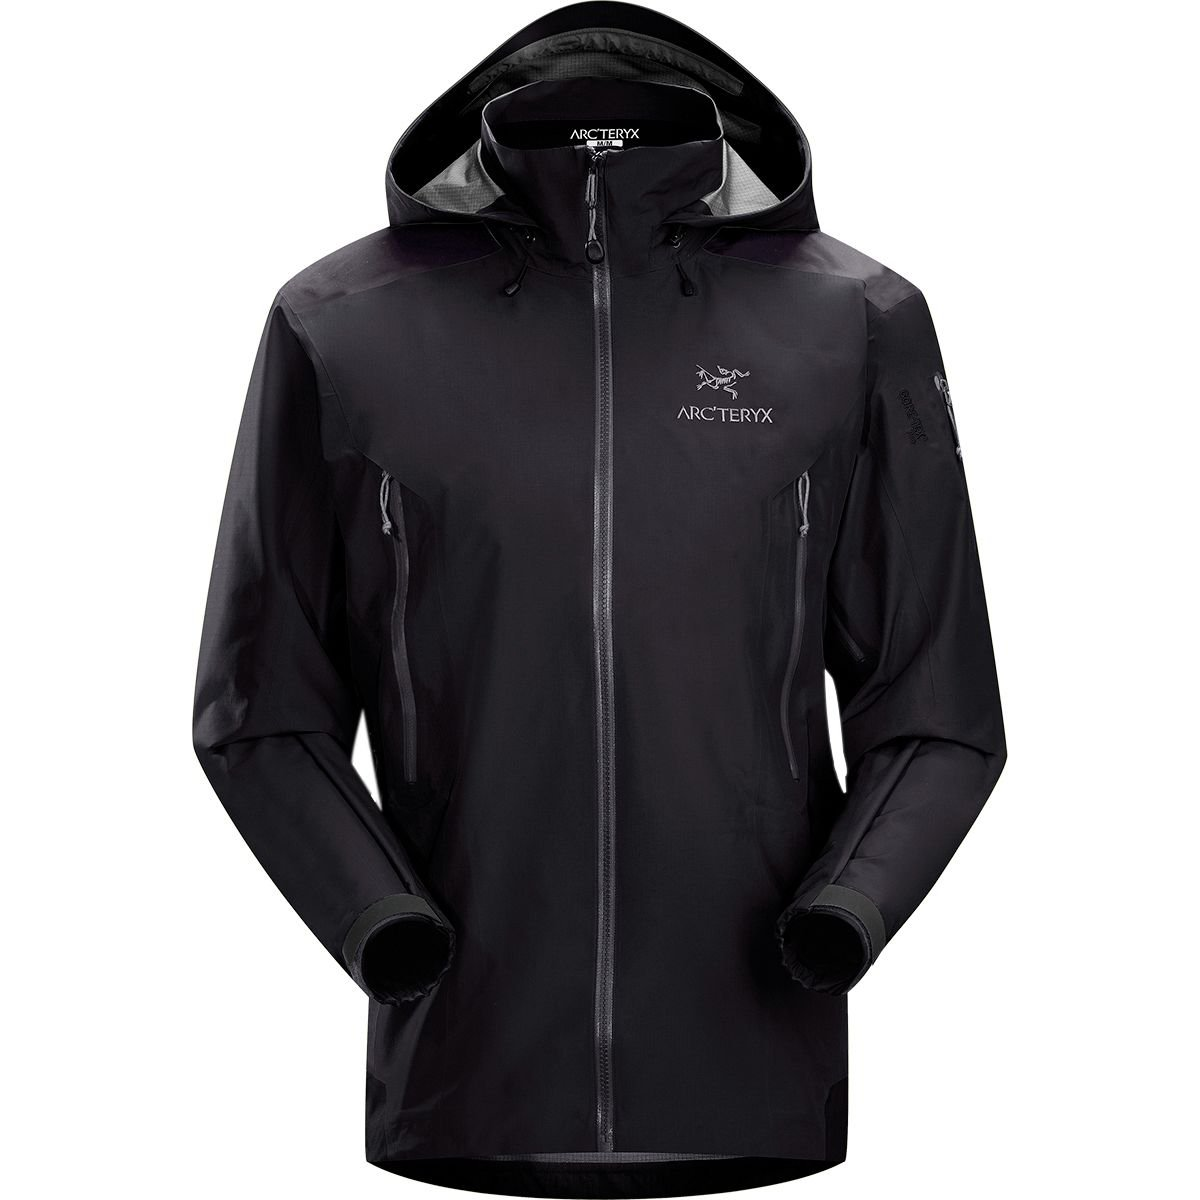 Arc ' teryx Theta AR Jacket – Men 's B076HQHBS8 XL|ブラック ブラック XL